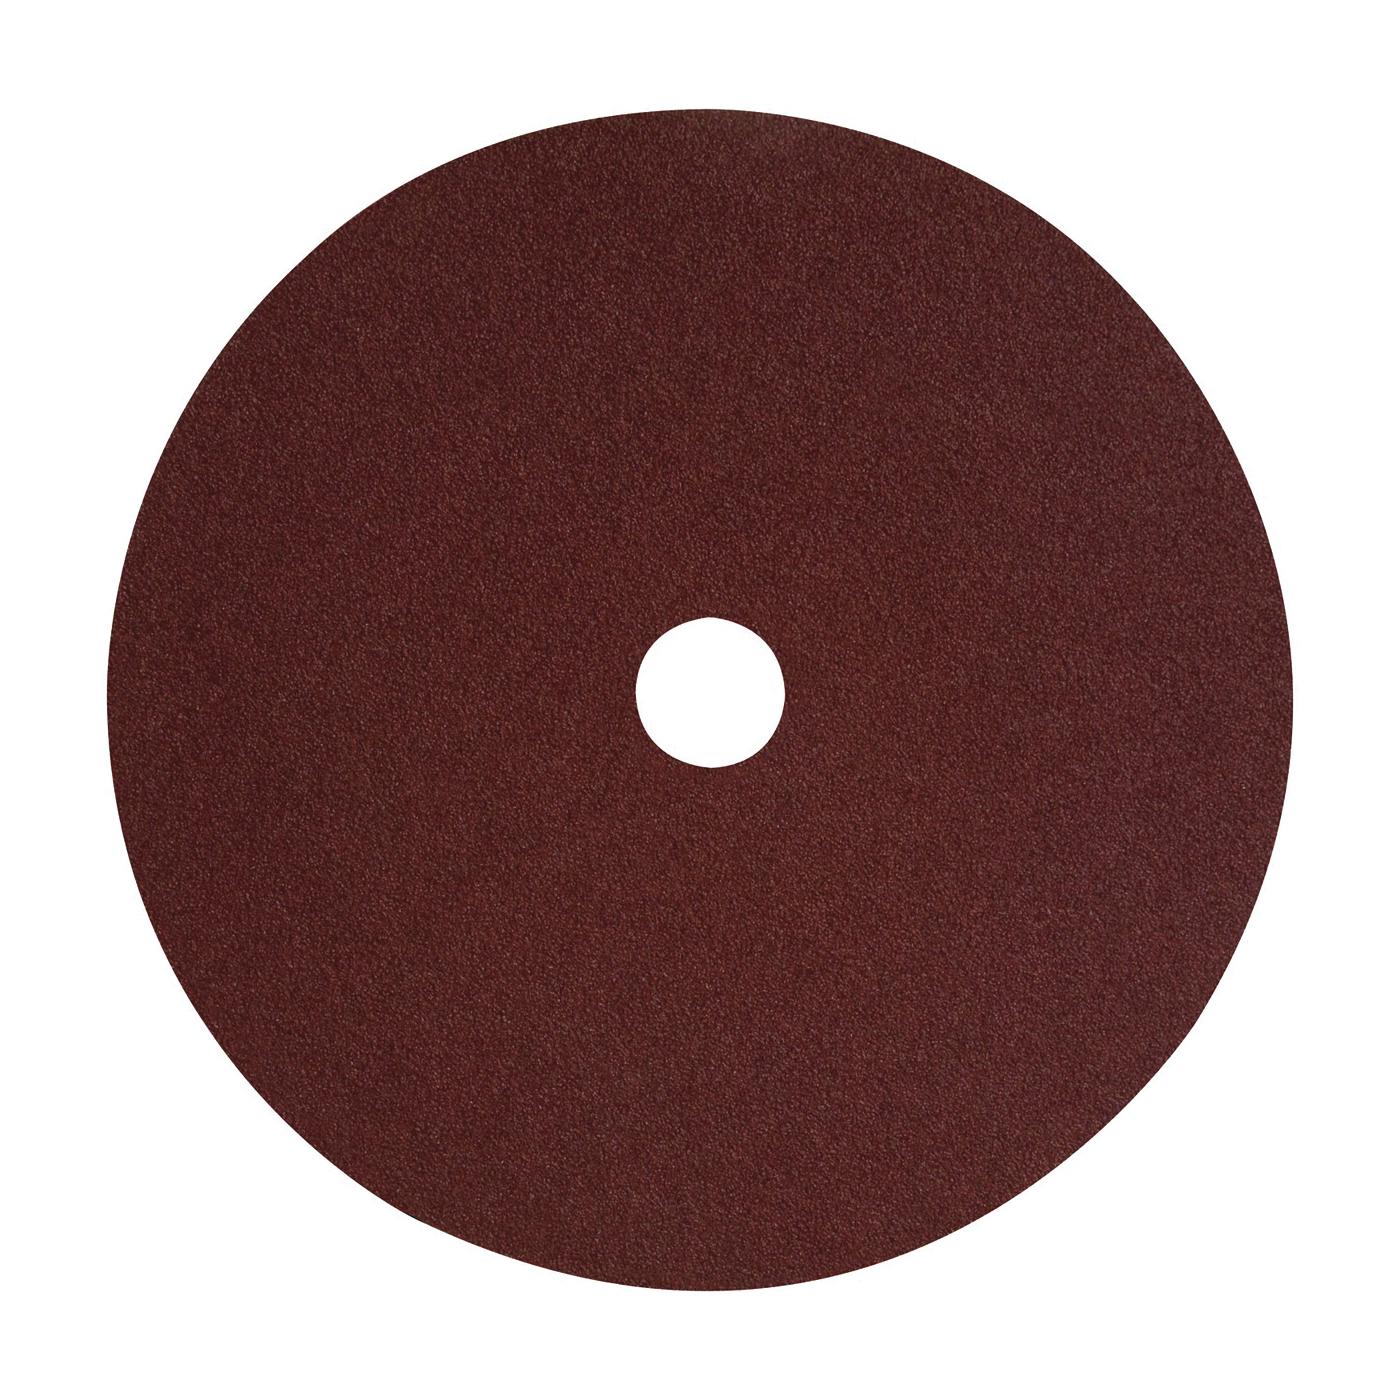 Picture of DeWALT DARB1G0605 Fiber Disc, 4-1/2 in Dia, 7/8 in Arbor, Coated, 60 Grit, Aluminum Oxide Abrasive, Fiber Backing